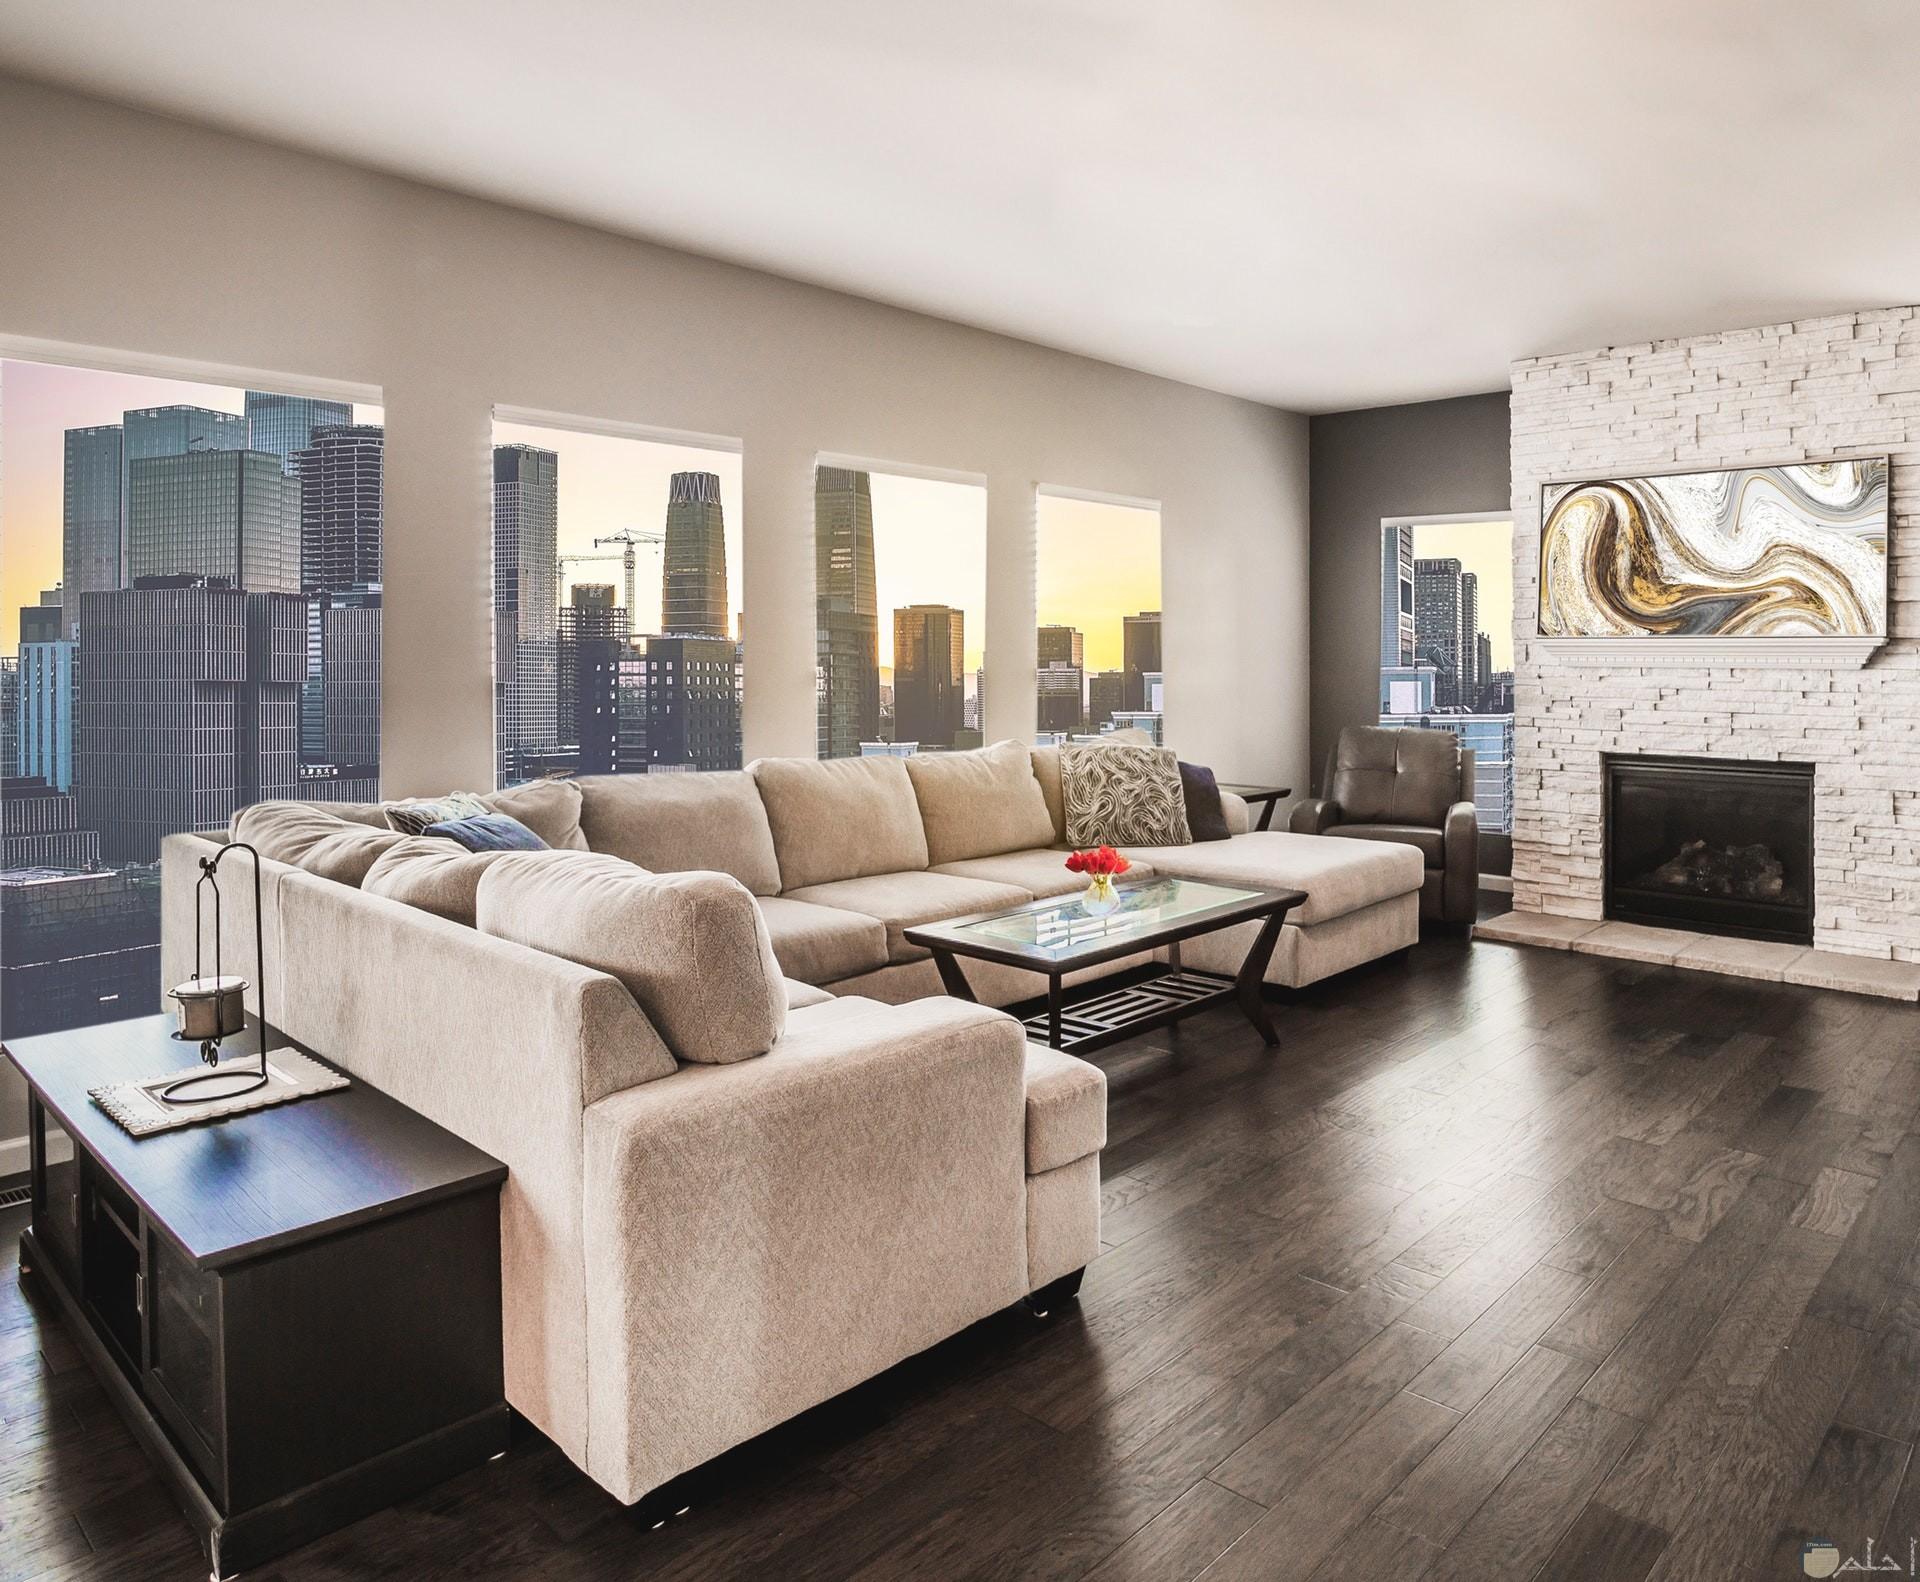 صورة جميلة لغرفة استقبال الضيوف موحدة اللون مع مكان مثالي للكنب ووجود طاولة زجاجية أمامها